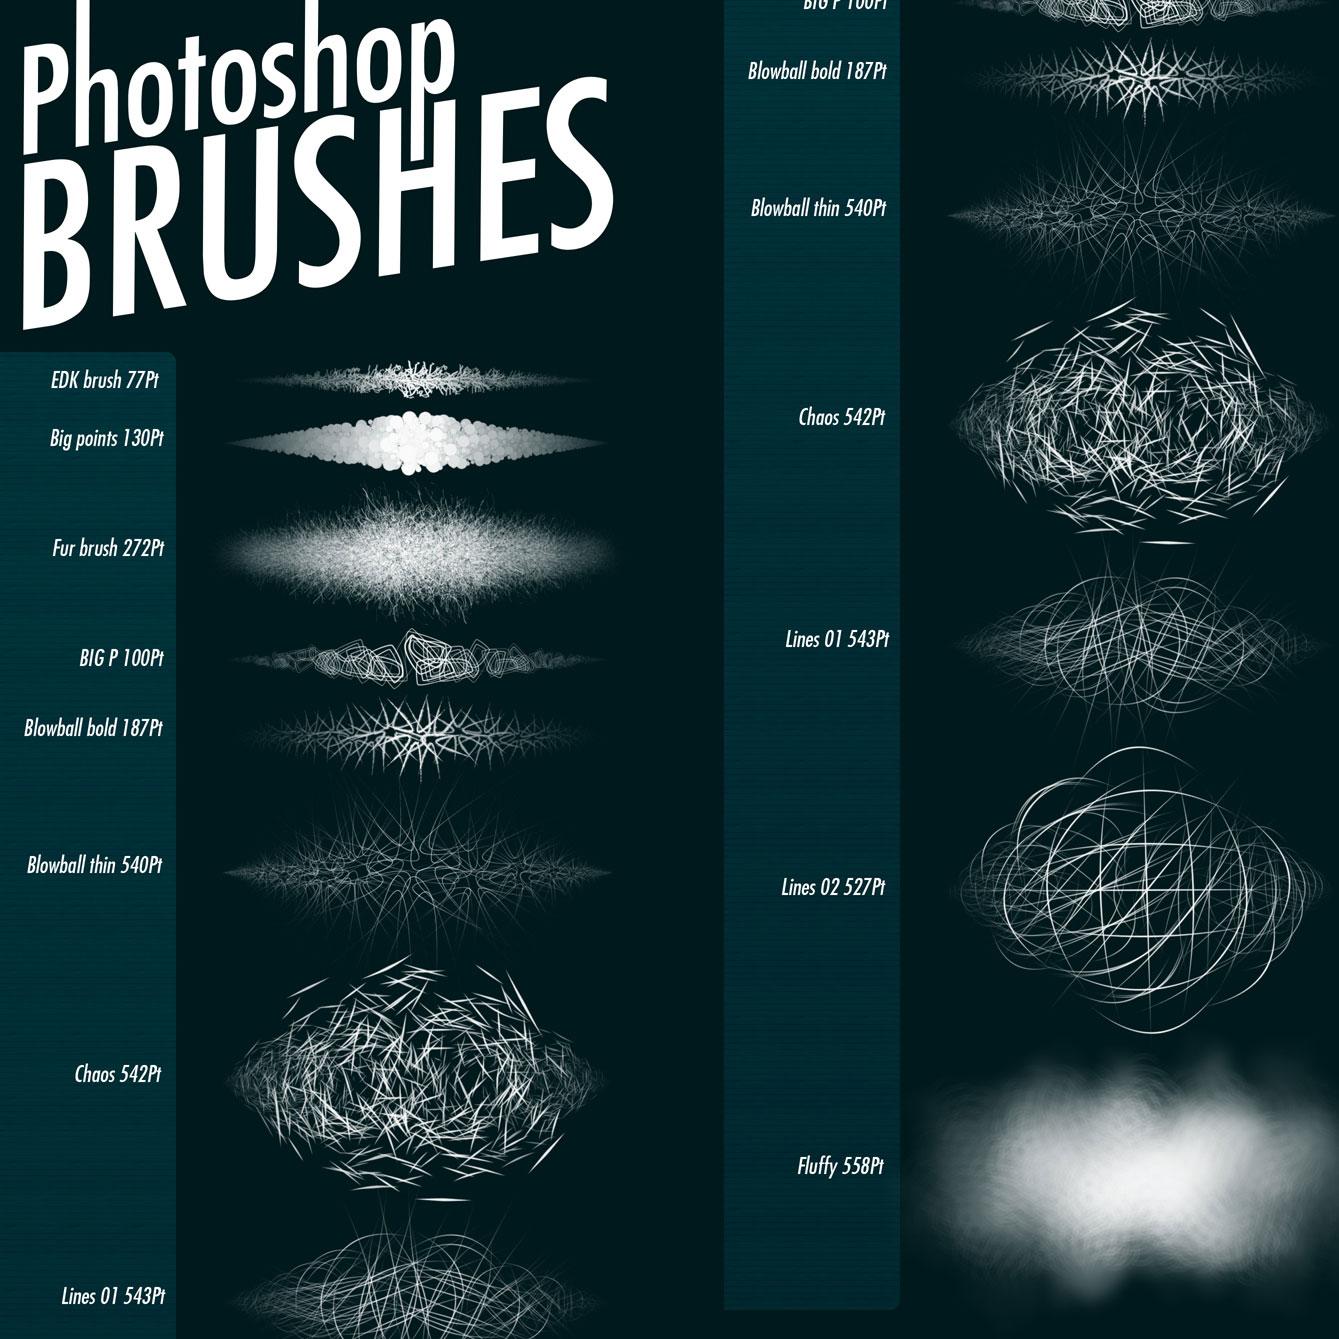 Texture Brushes - Photoshop brushes